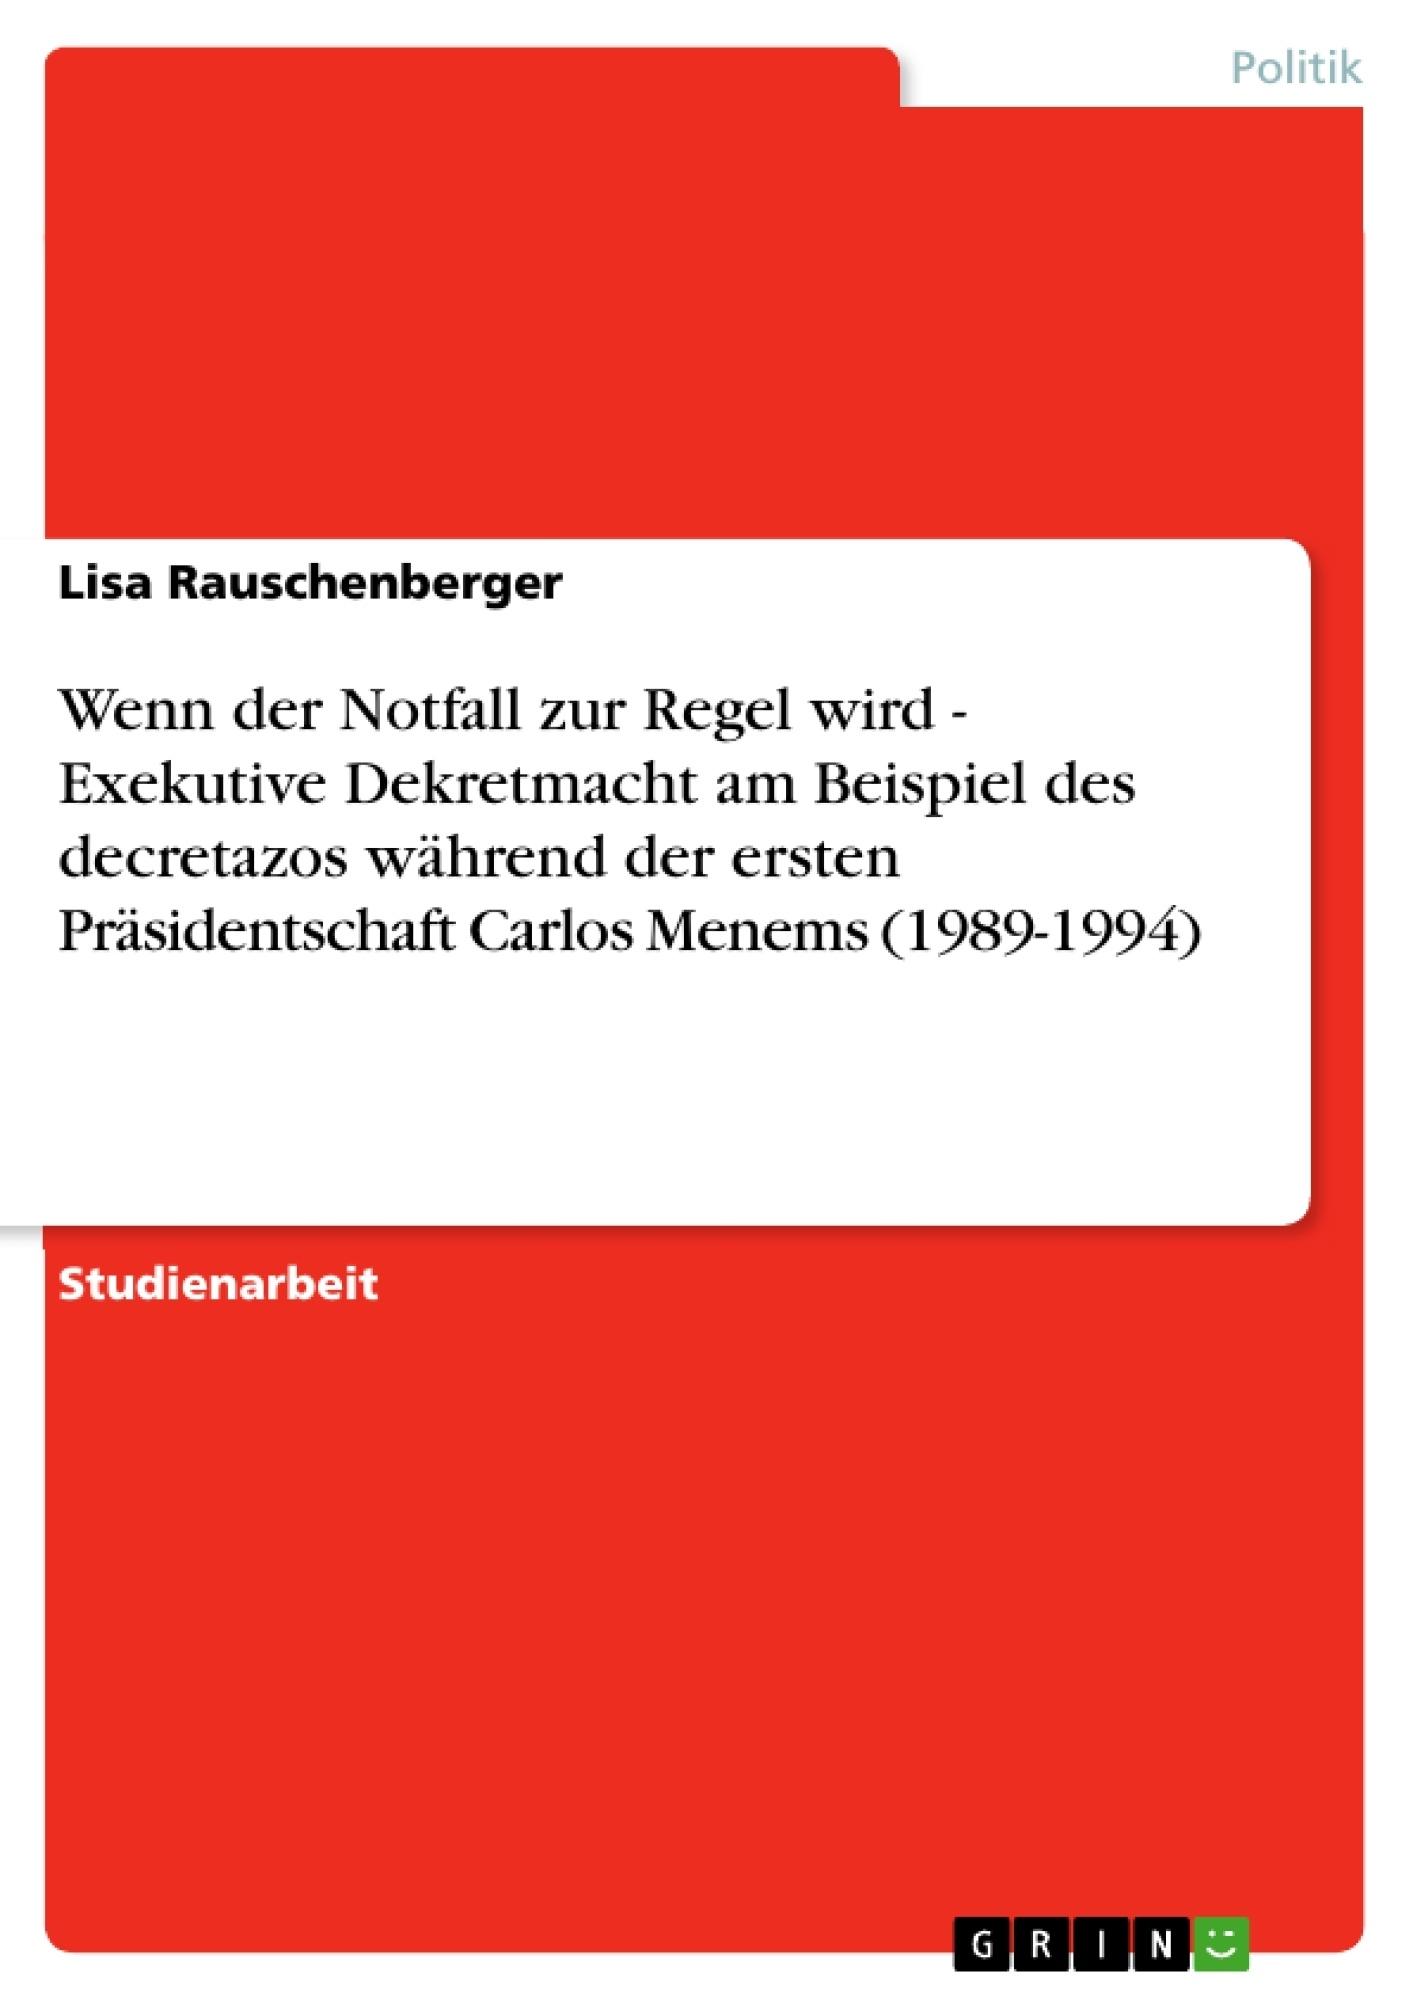 Titel: Wenn der Notfall zur Regel wird - Exekutive Dekretmacht am Beispiel des decretazos während der ersten Präsidentschaft Carlos Menems (1989-1994)